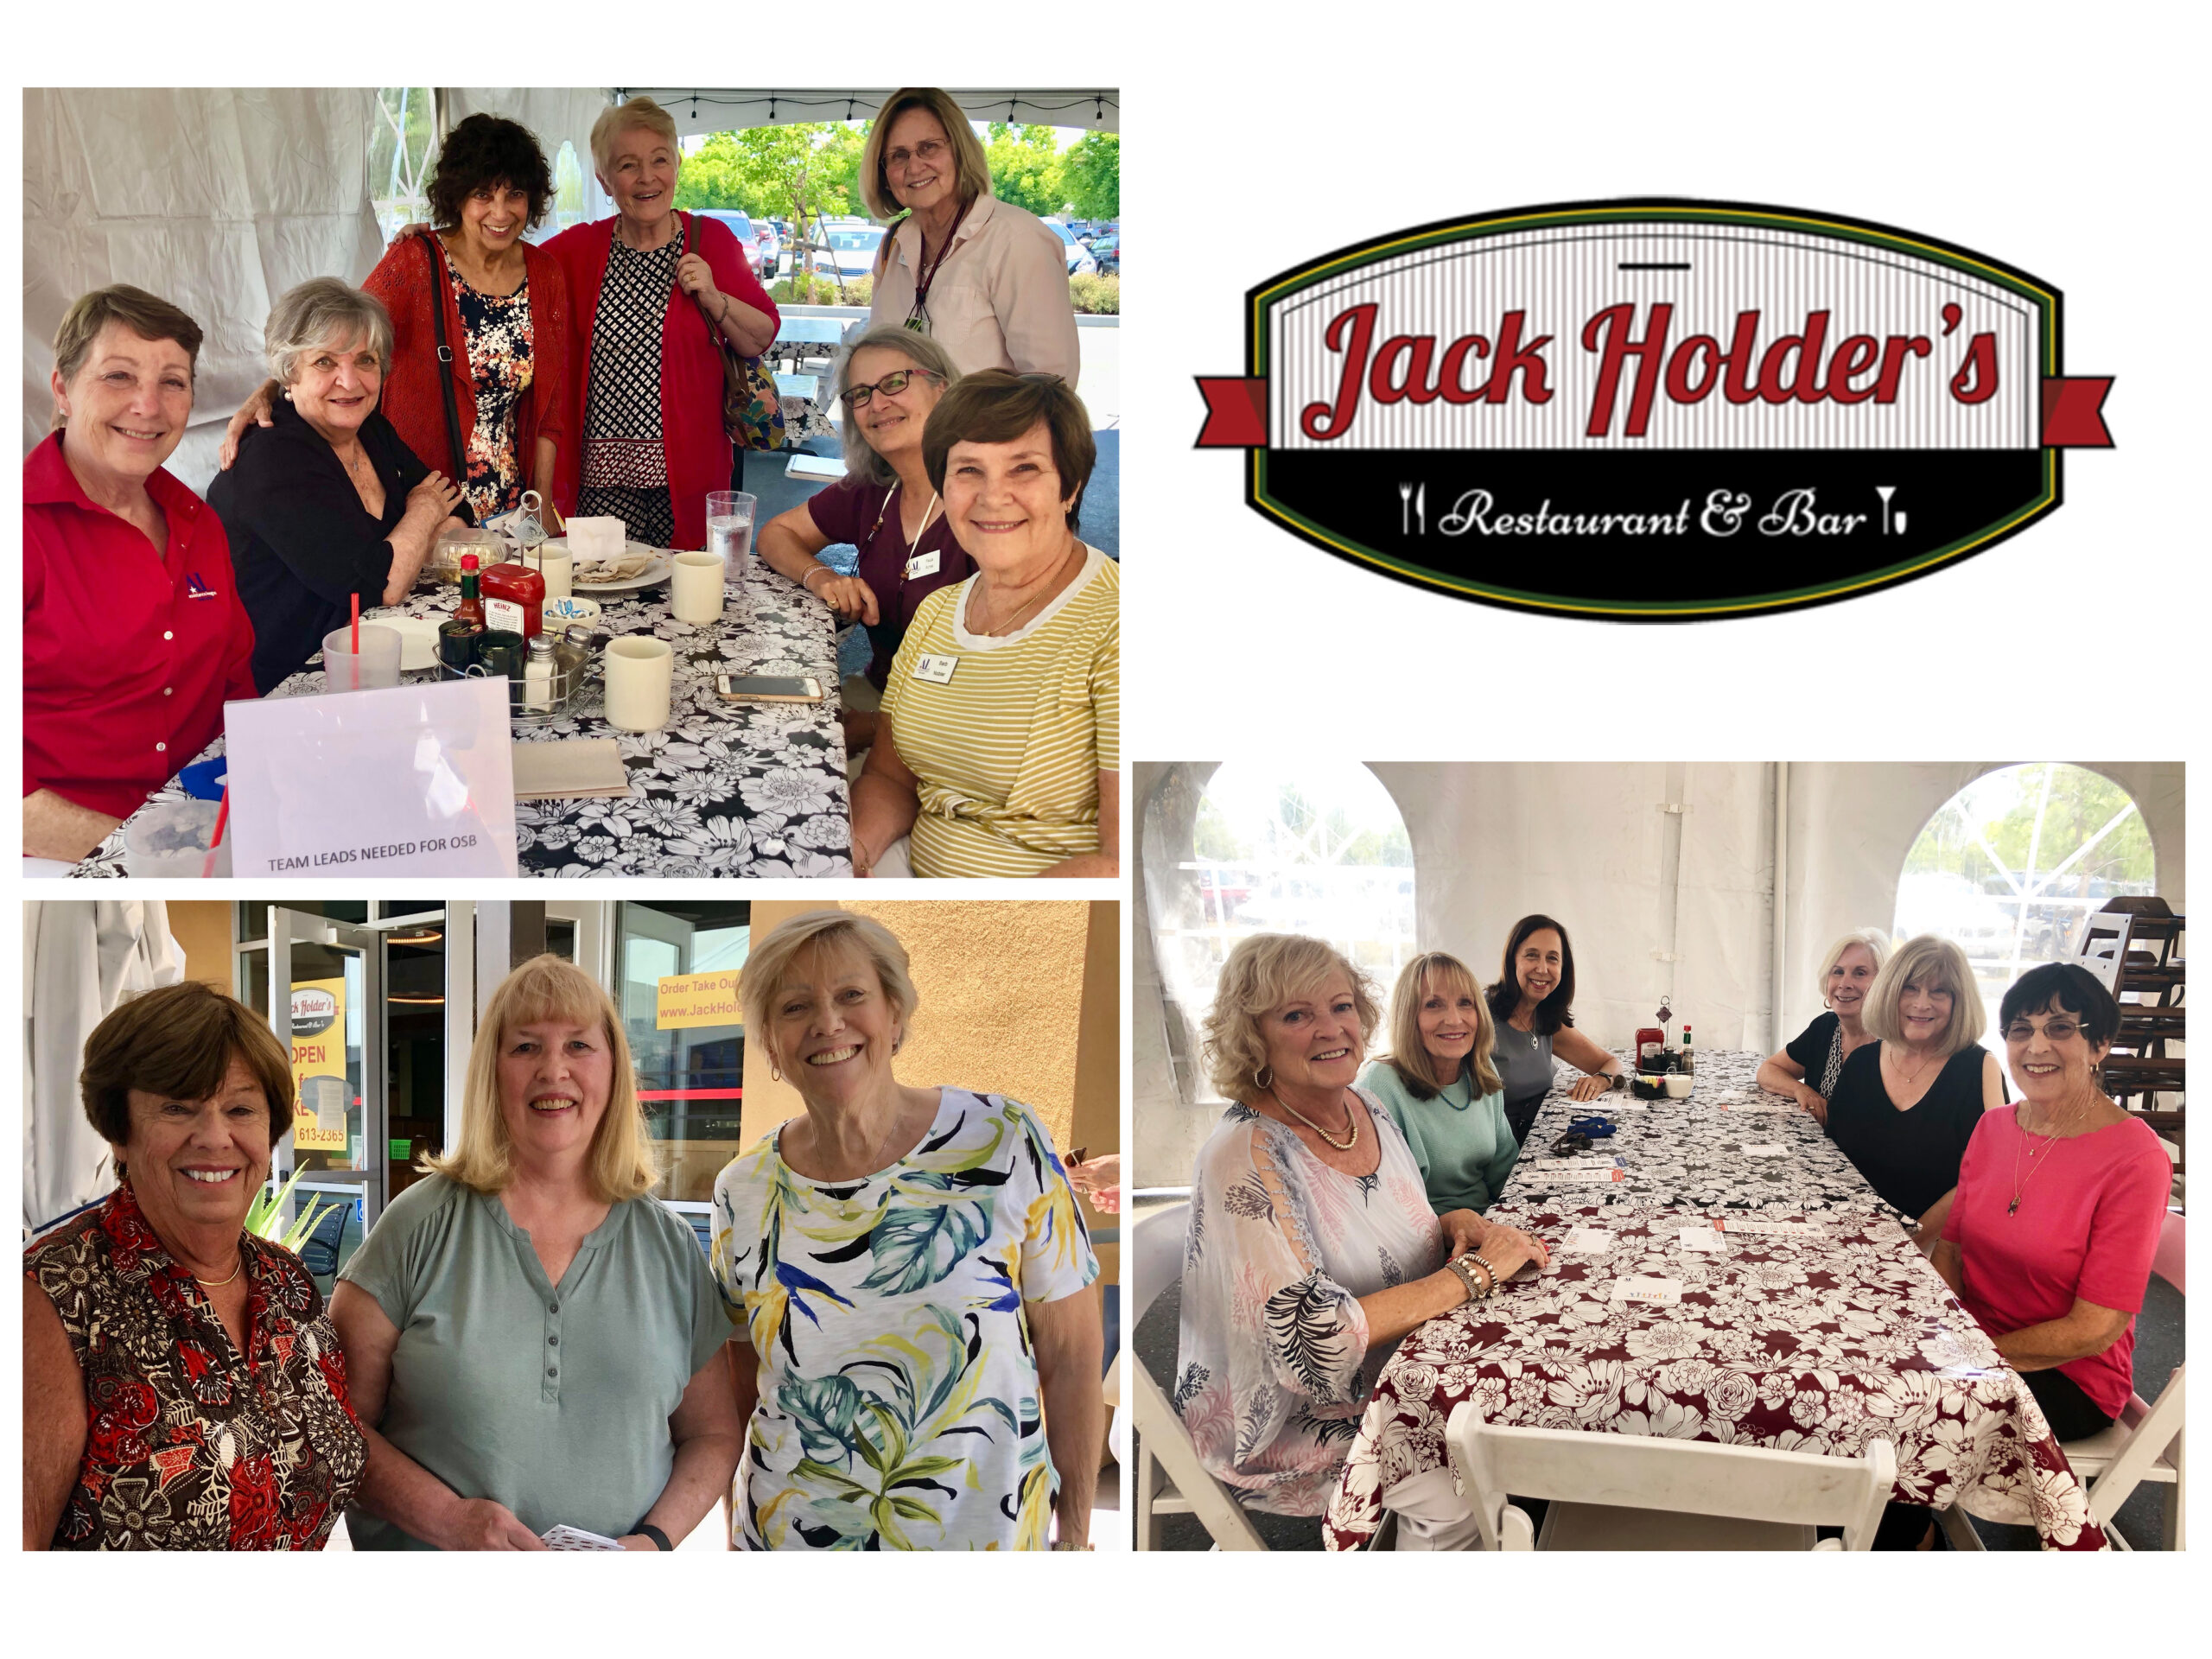 Enjoying the FUNdraiser at Jack Holder's Restaurant & Bar